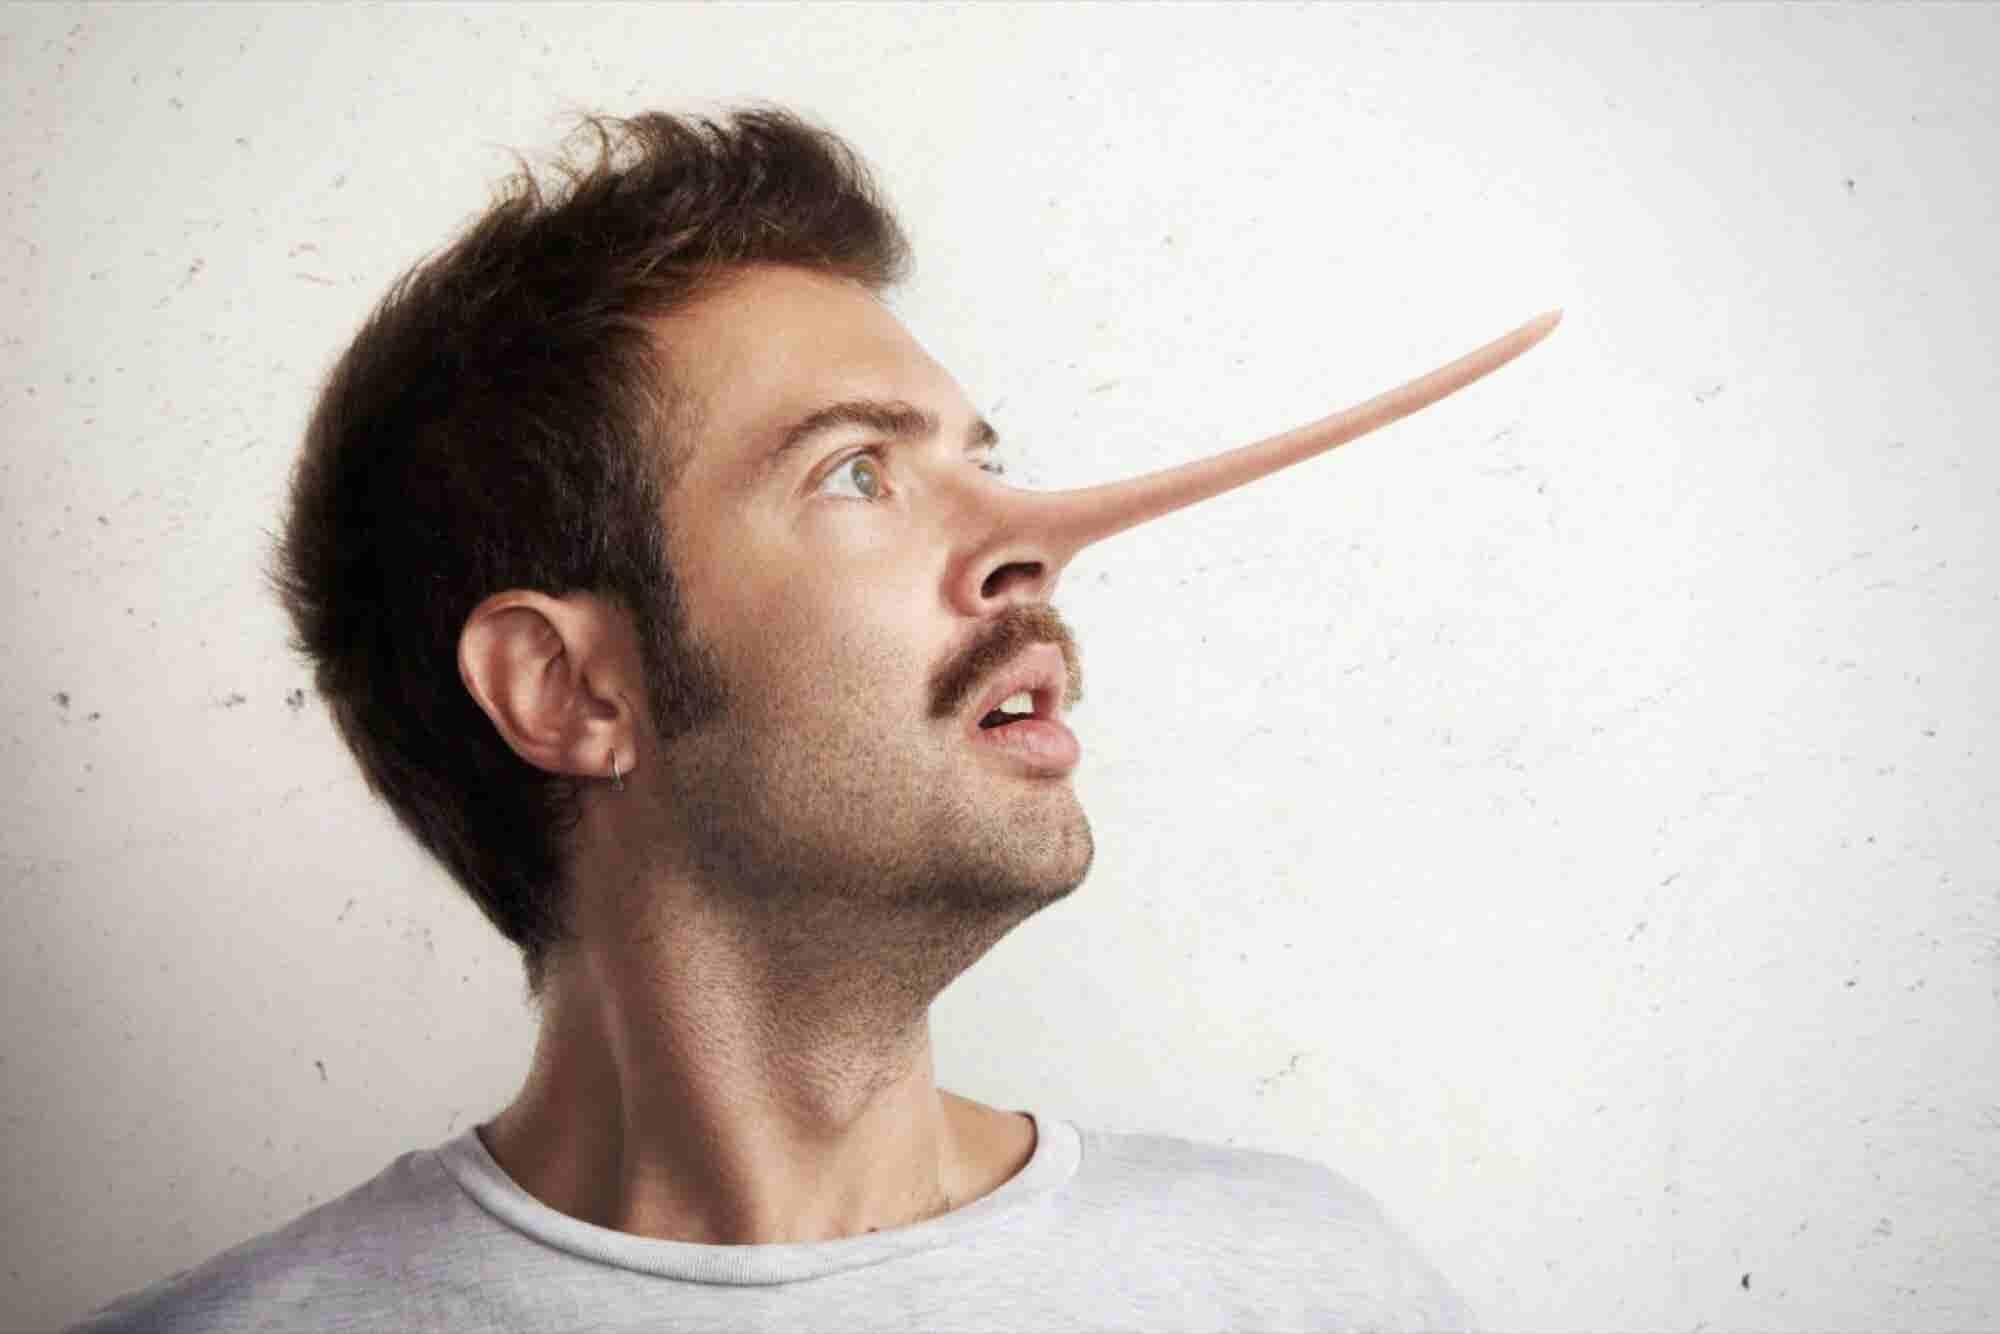 Cómo saber si alguien te está mintiendo